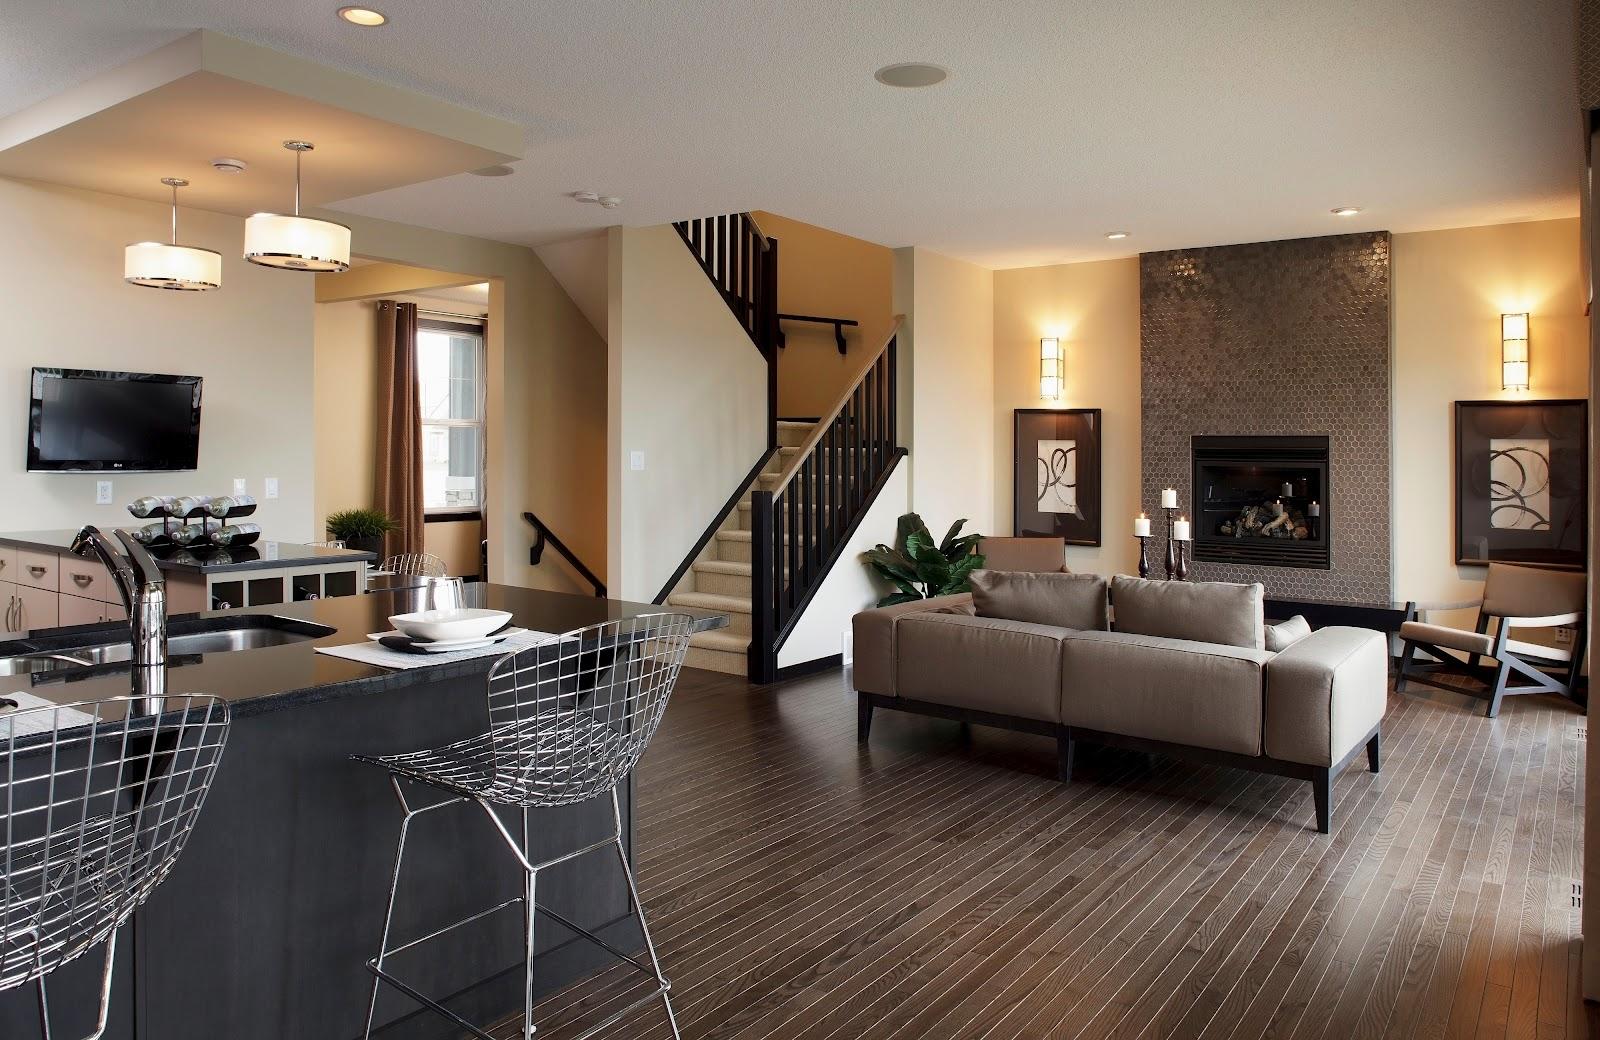 2013 - Innendesign wohnzimmer ...